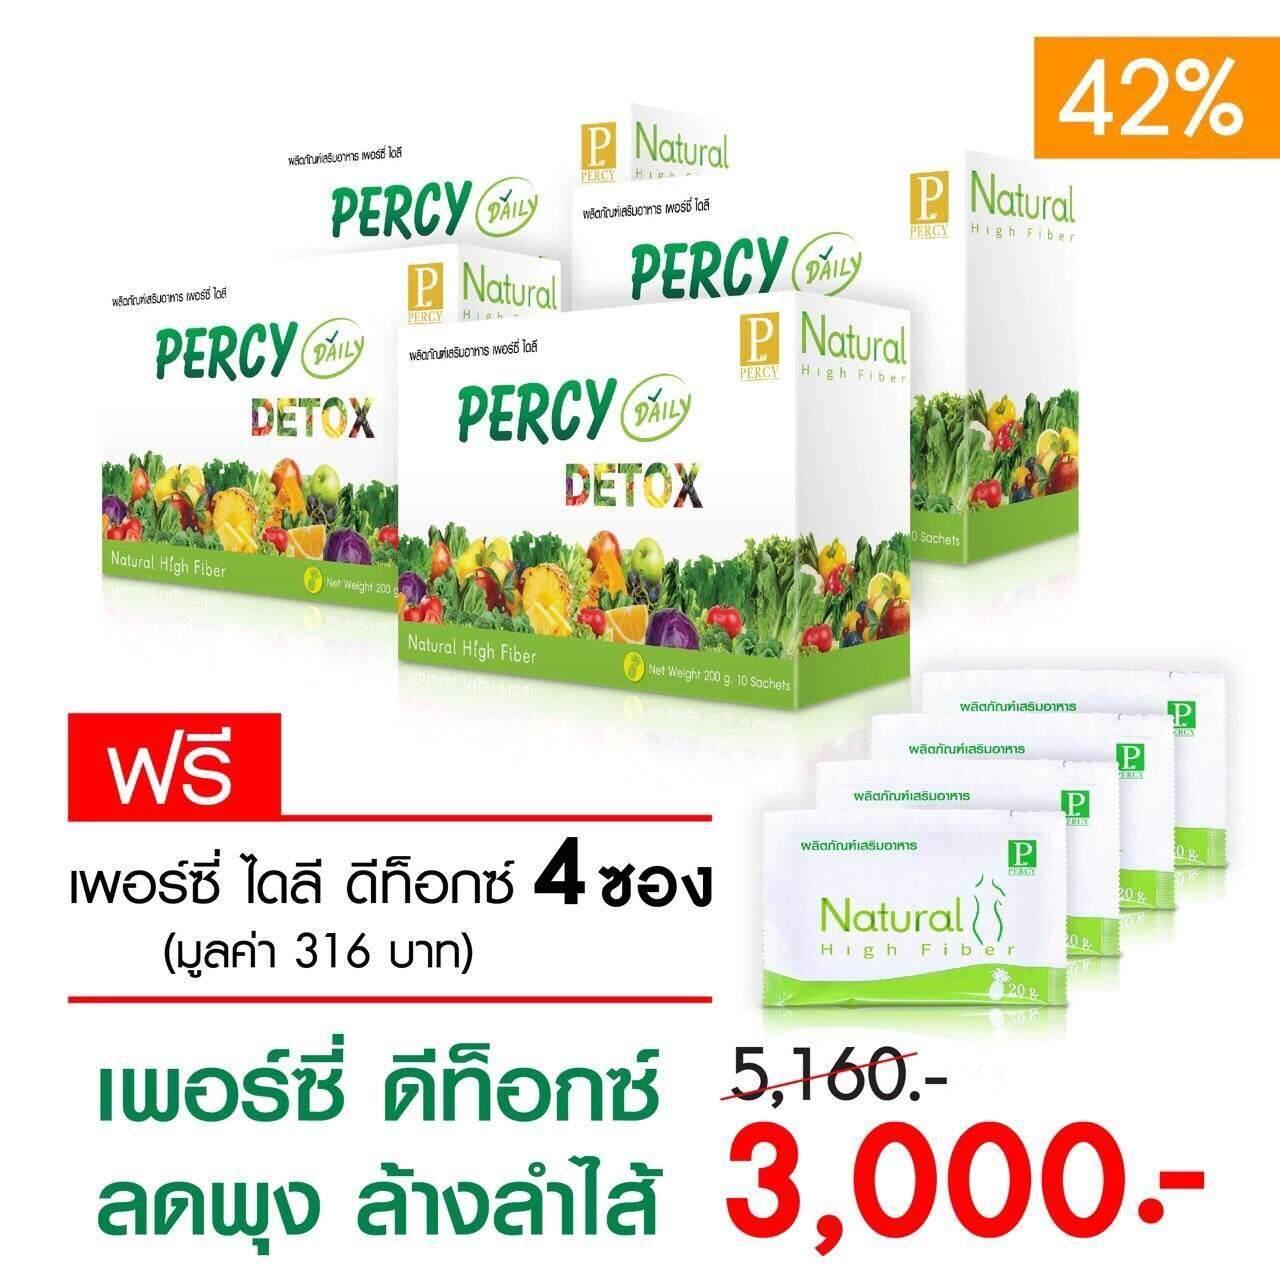 ราคา Percy Daily Detox เพอร์ซี่ ไดลี่ ดีท้อกส์ อาหารเสริมล้างสารพิษจากไฟเบอร์ธรรมชาติ 4กล่อง 40ซอง แถม เพอร์ซี่ ไดลี่ ดีท้อกส์ 4 ซอง มูลค่า 316 บาท ใหม่